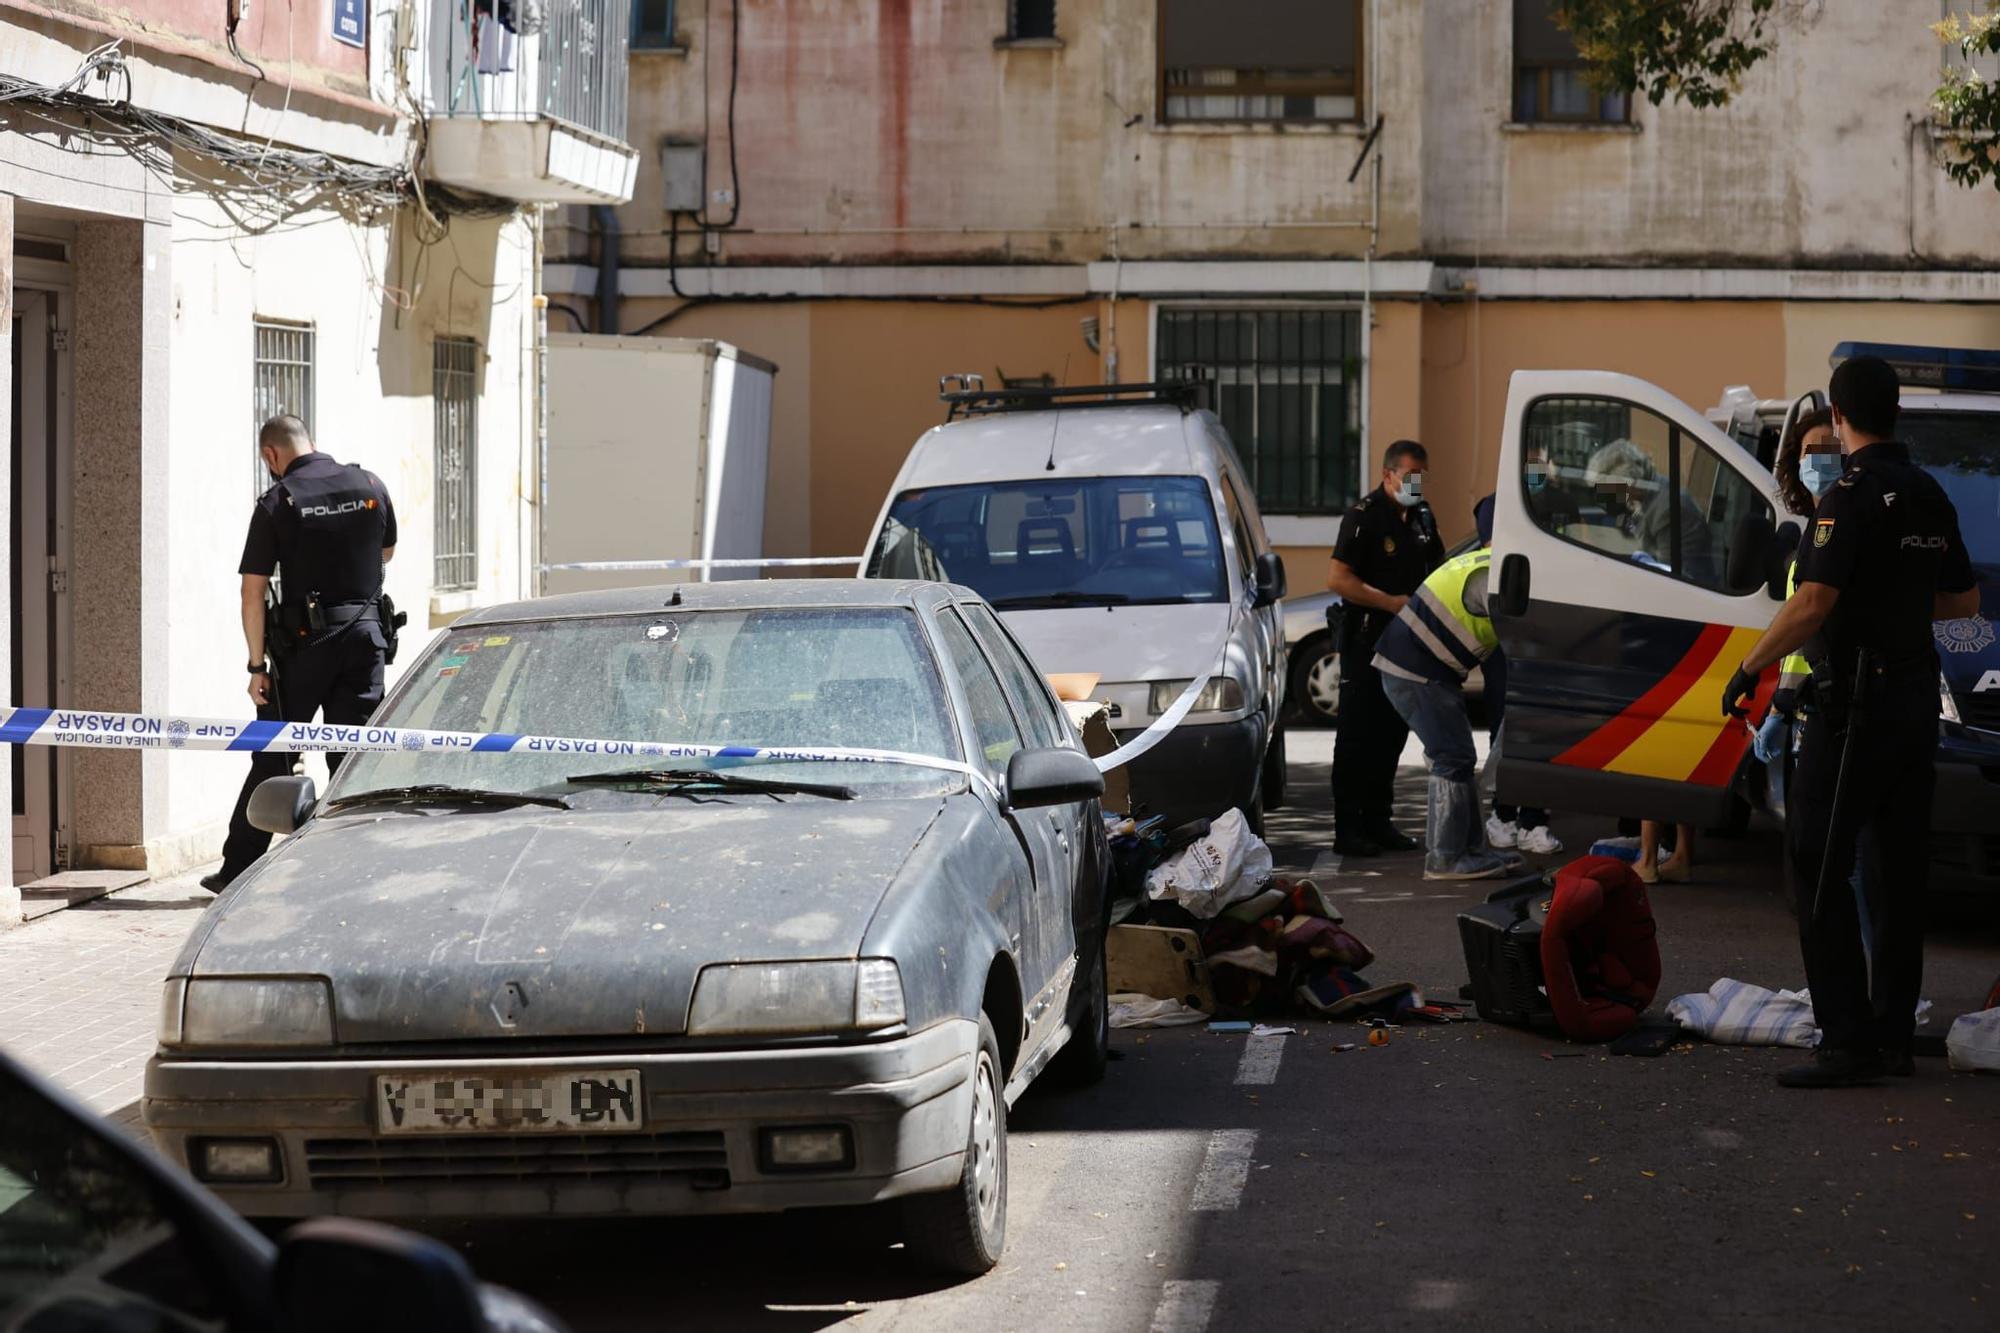 Asesinato en la Fuensanta: tres detenidos por la muerte de un hombre a machetazos